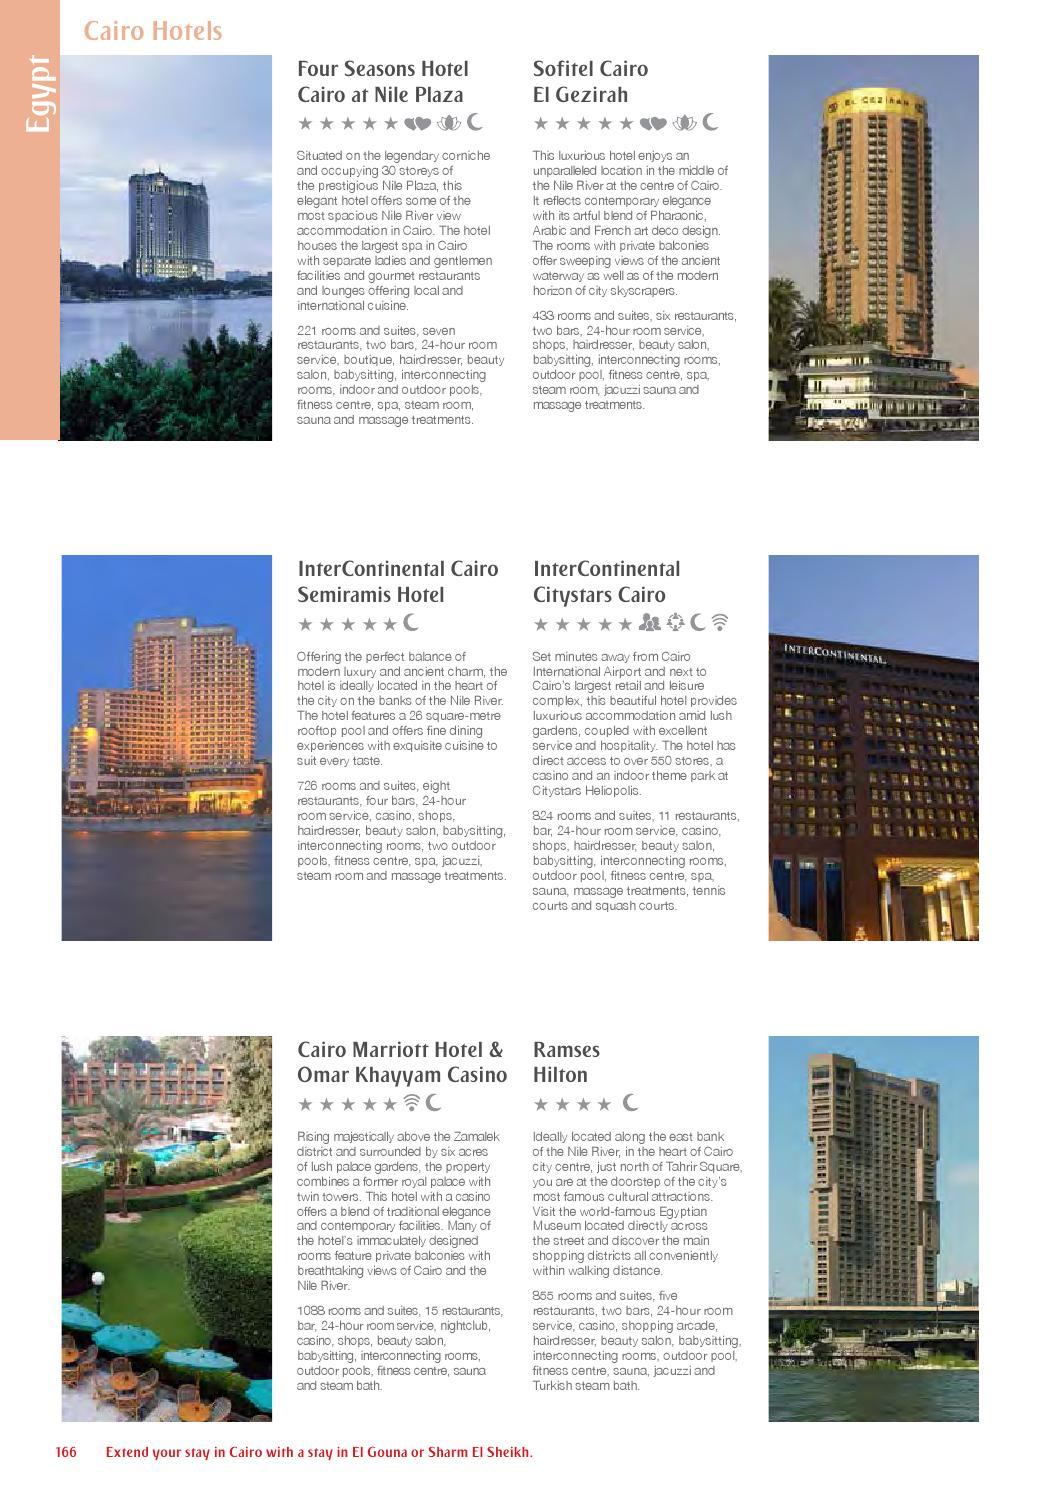 Emirates Holidays Brochure by Emirates Group - issuu